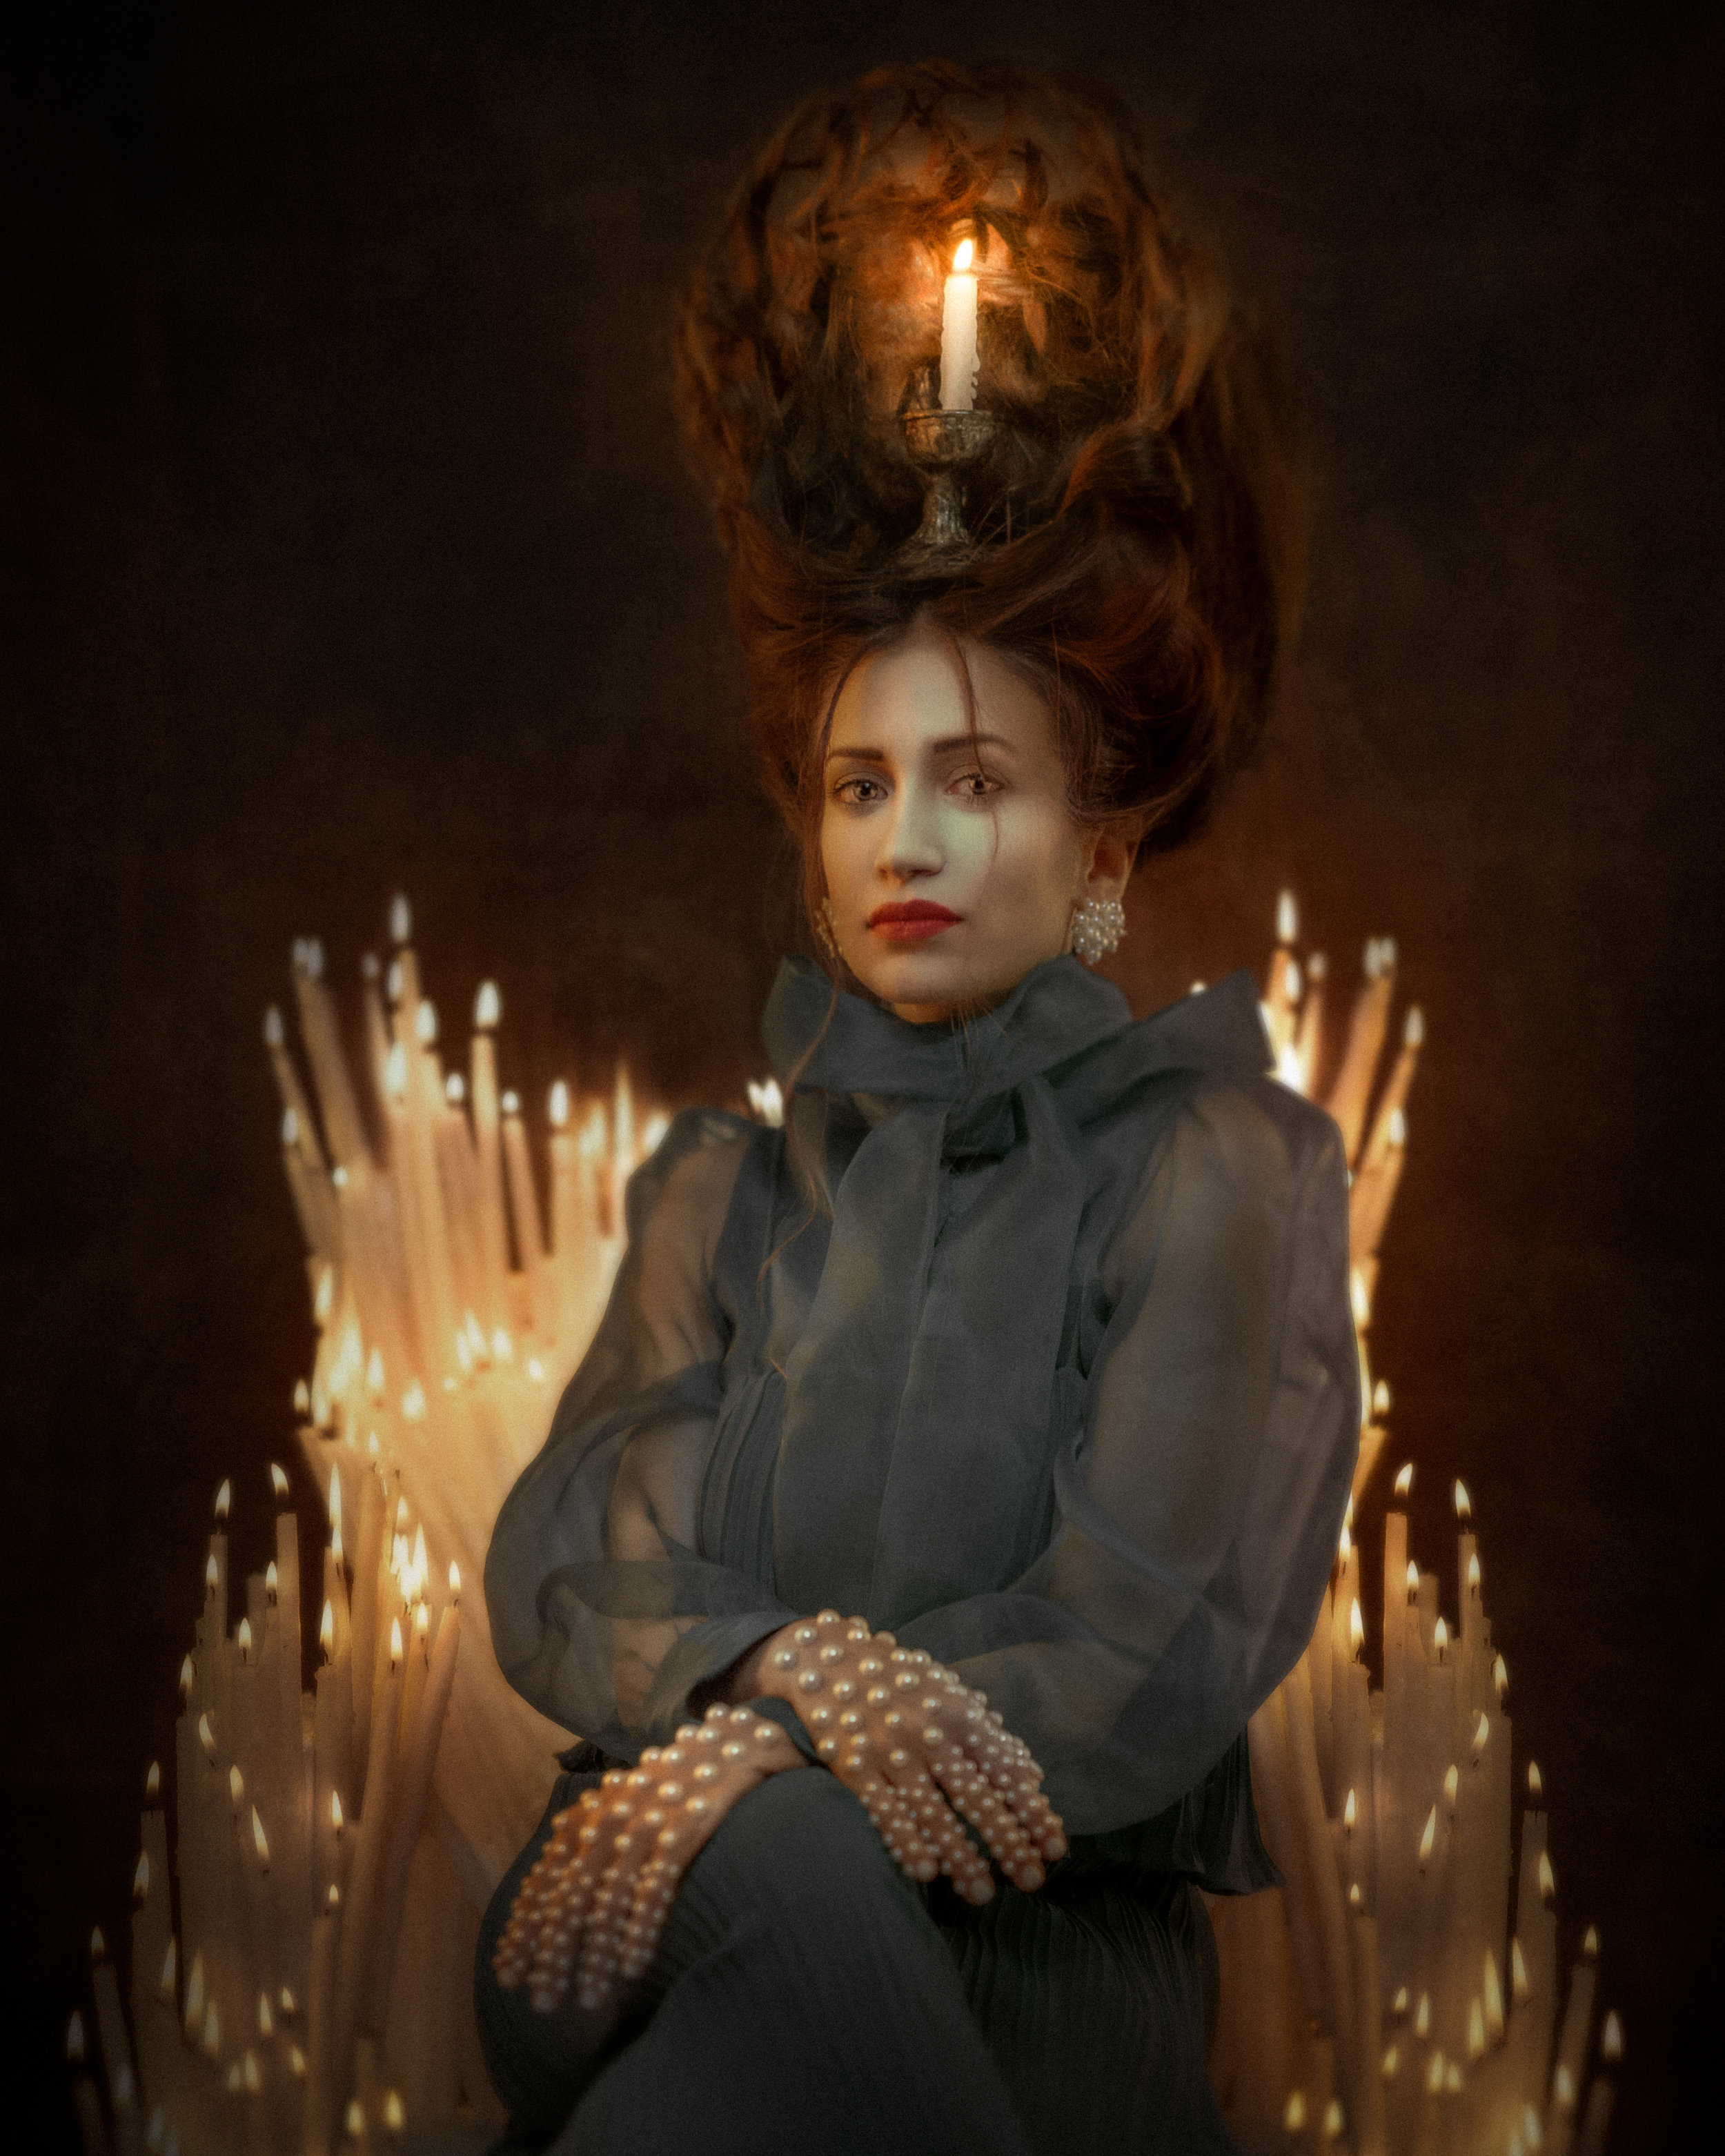 Φωτογραφία: Κωνσταντίνος Λέπουρης, Hair & Make Up: Τόνια Κοφινά, Styling: Ιωάννα Τσαπουκλή